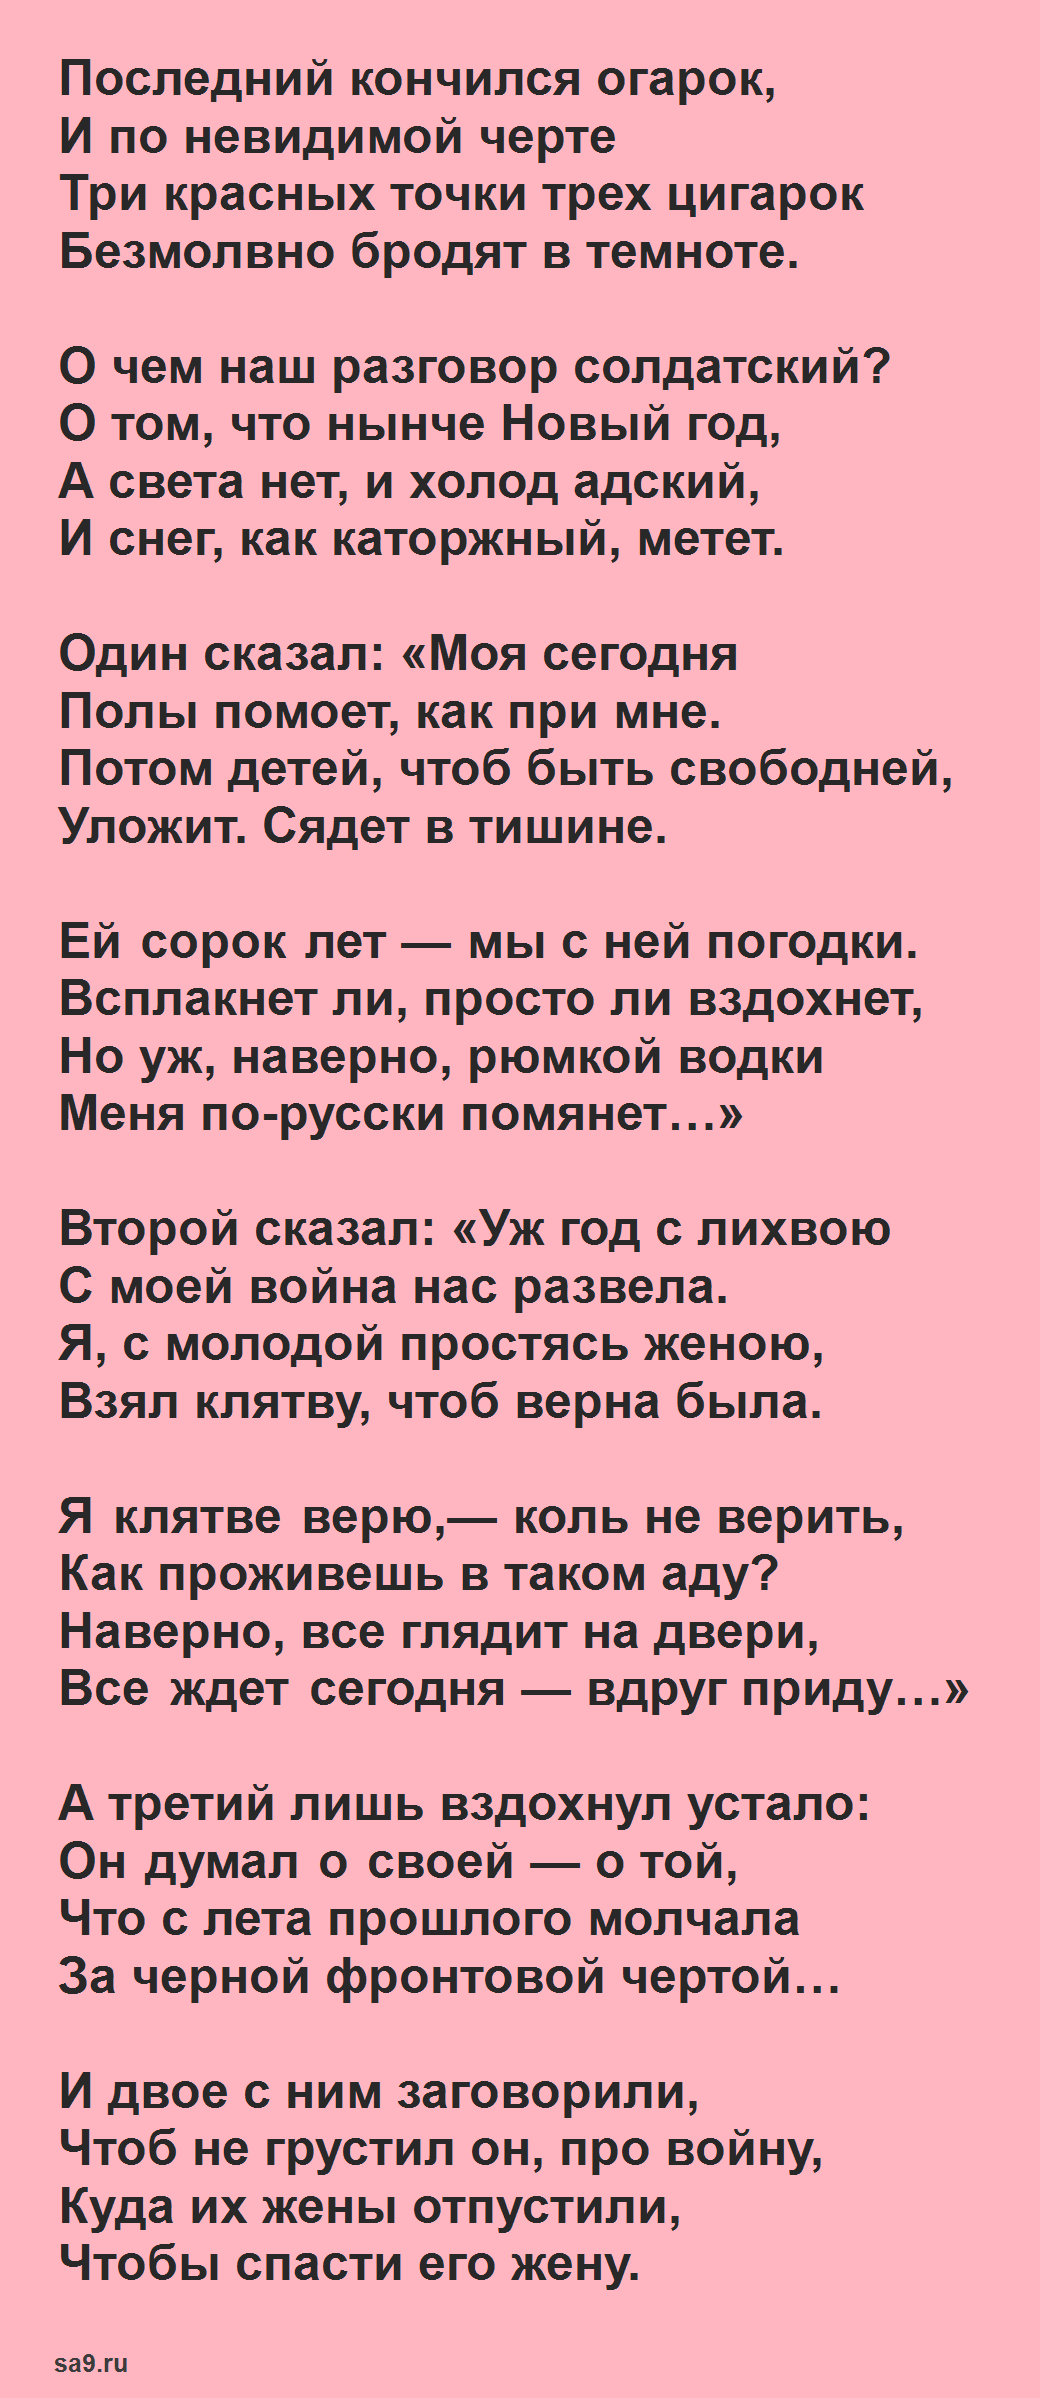 Читать стихи Симонова - Жены